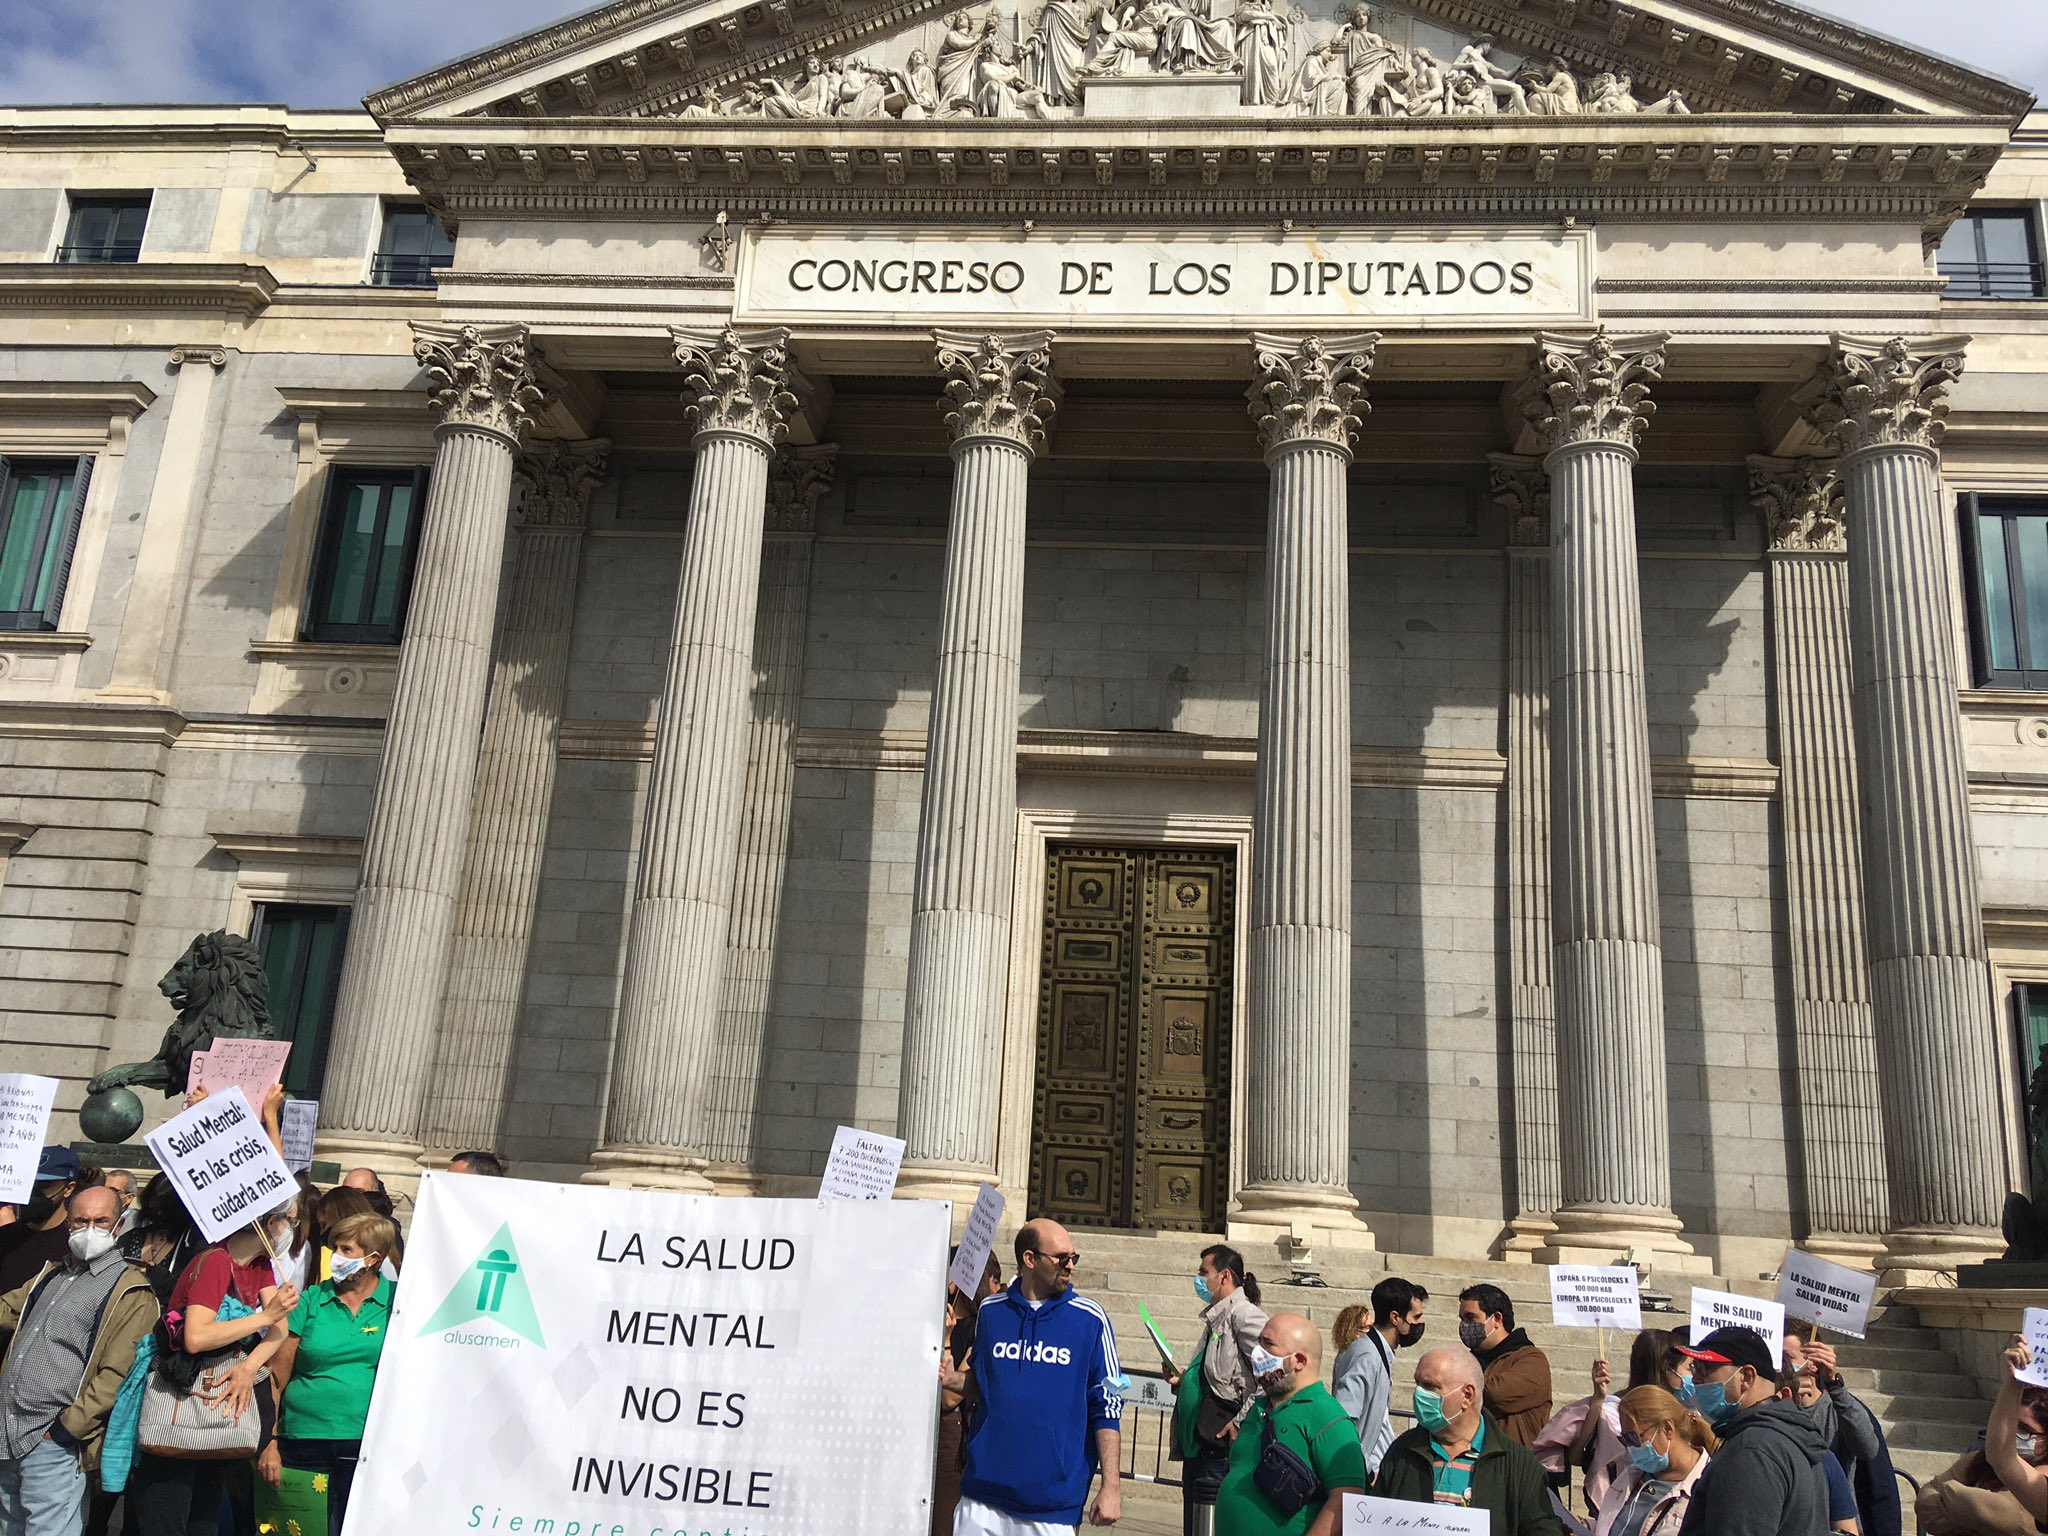 Marcha Salud Mental en Madrid frente al Congreso de los Diputados.